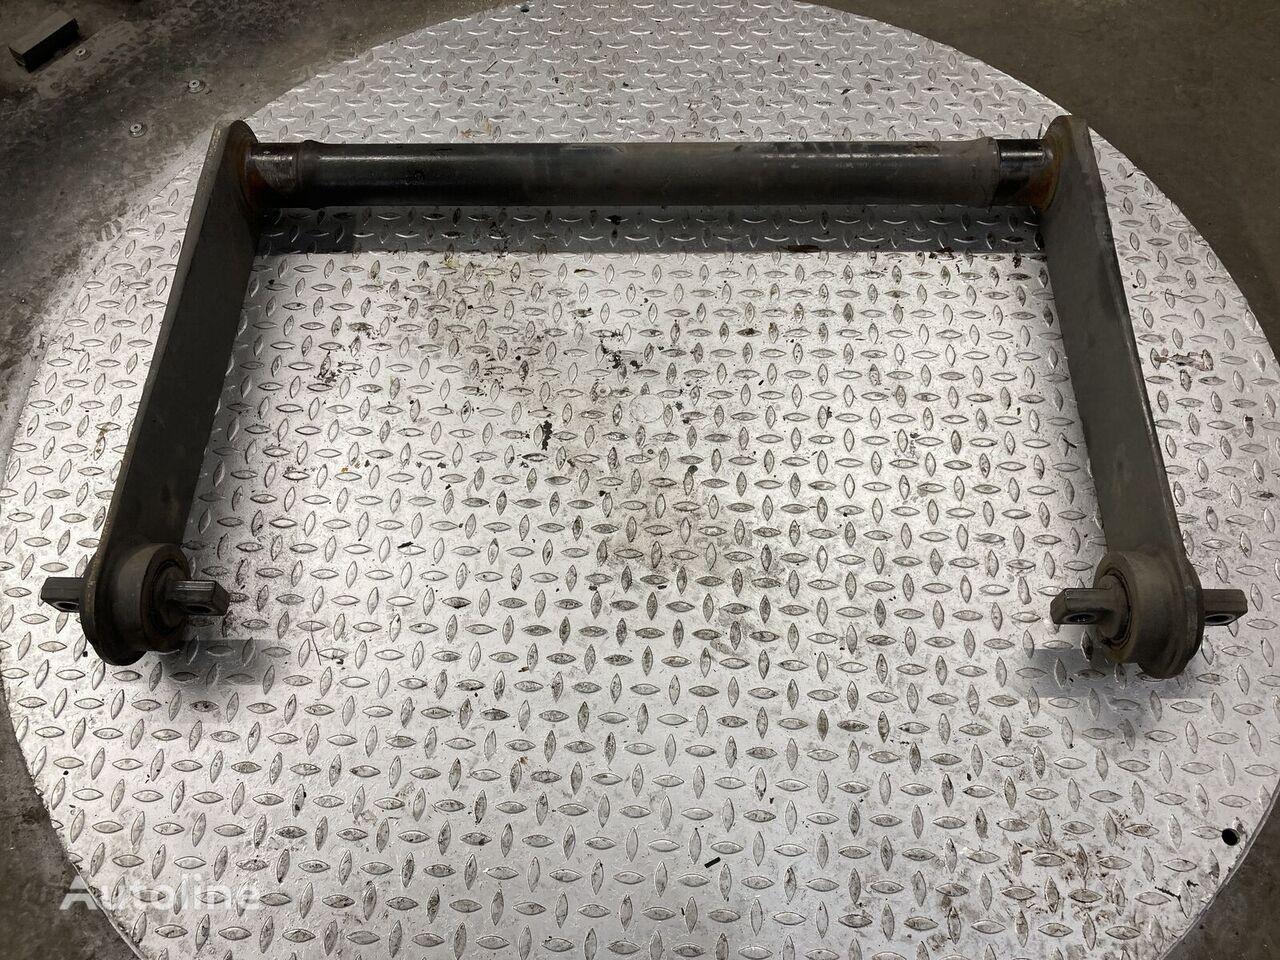 φορτηγό MERCEDES-BENZ Torsiestaaf achteras για ανταλλακτικό  Torsiestaaf achteras